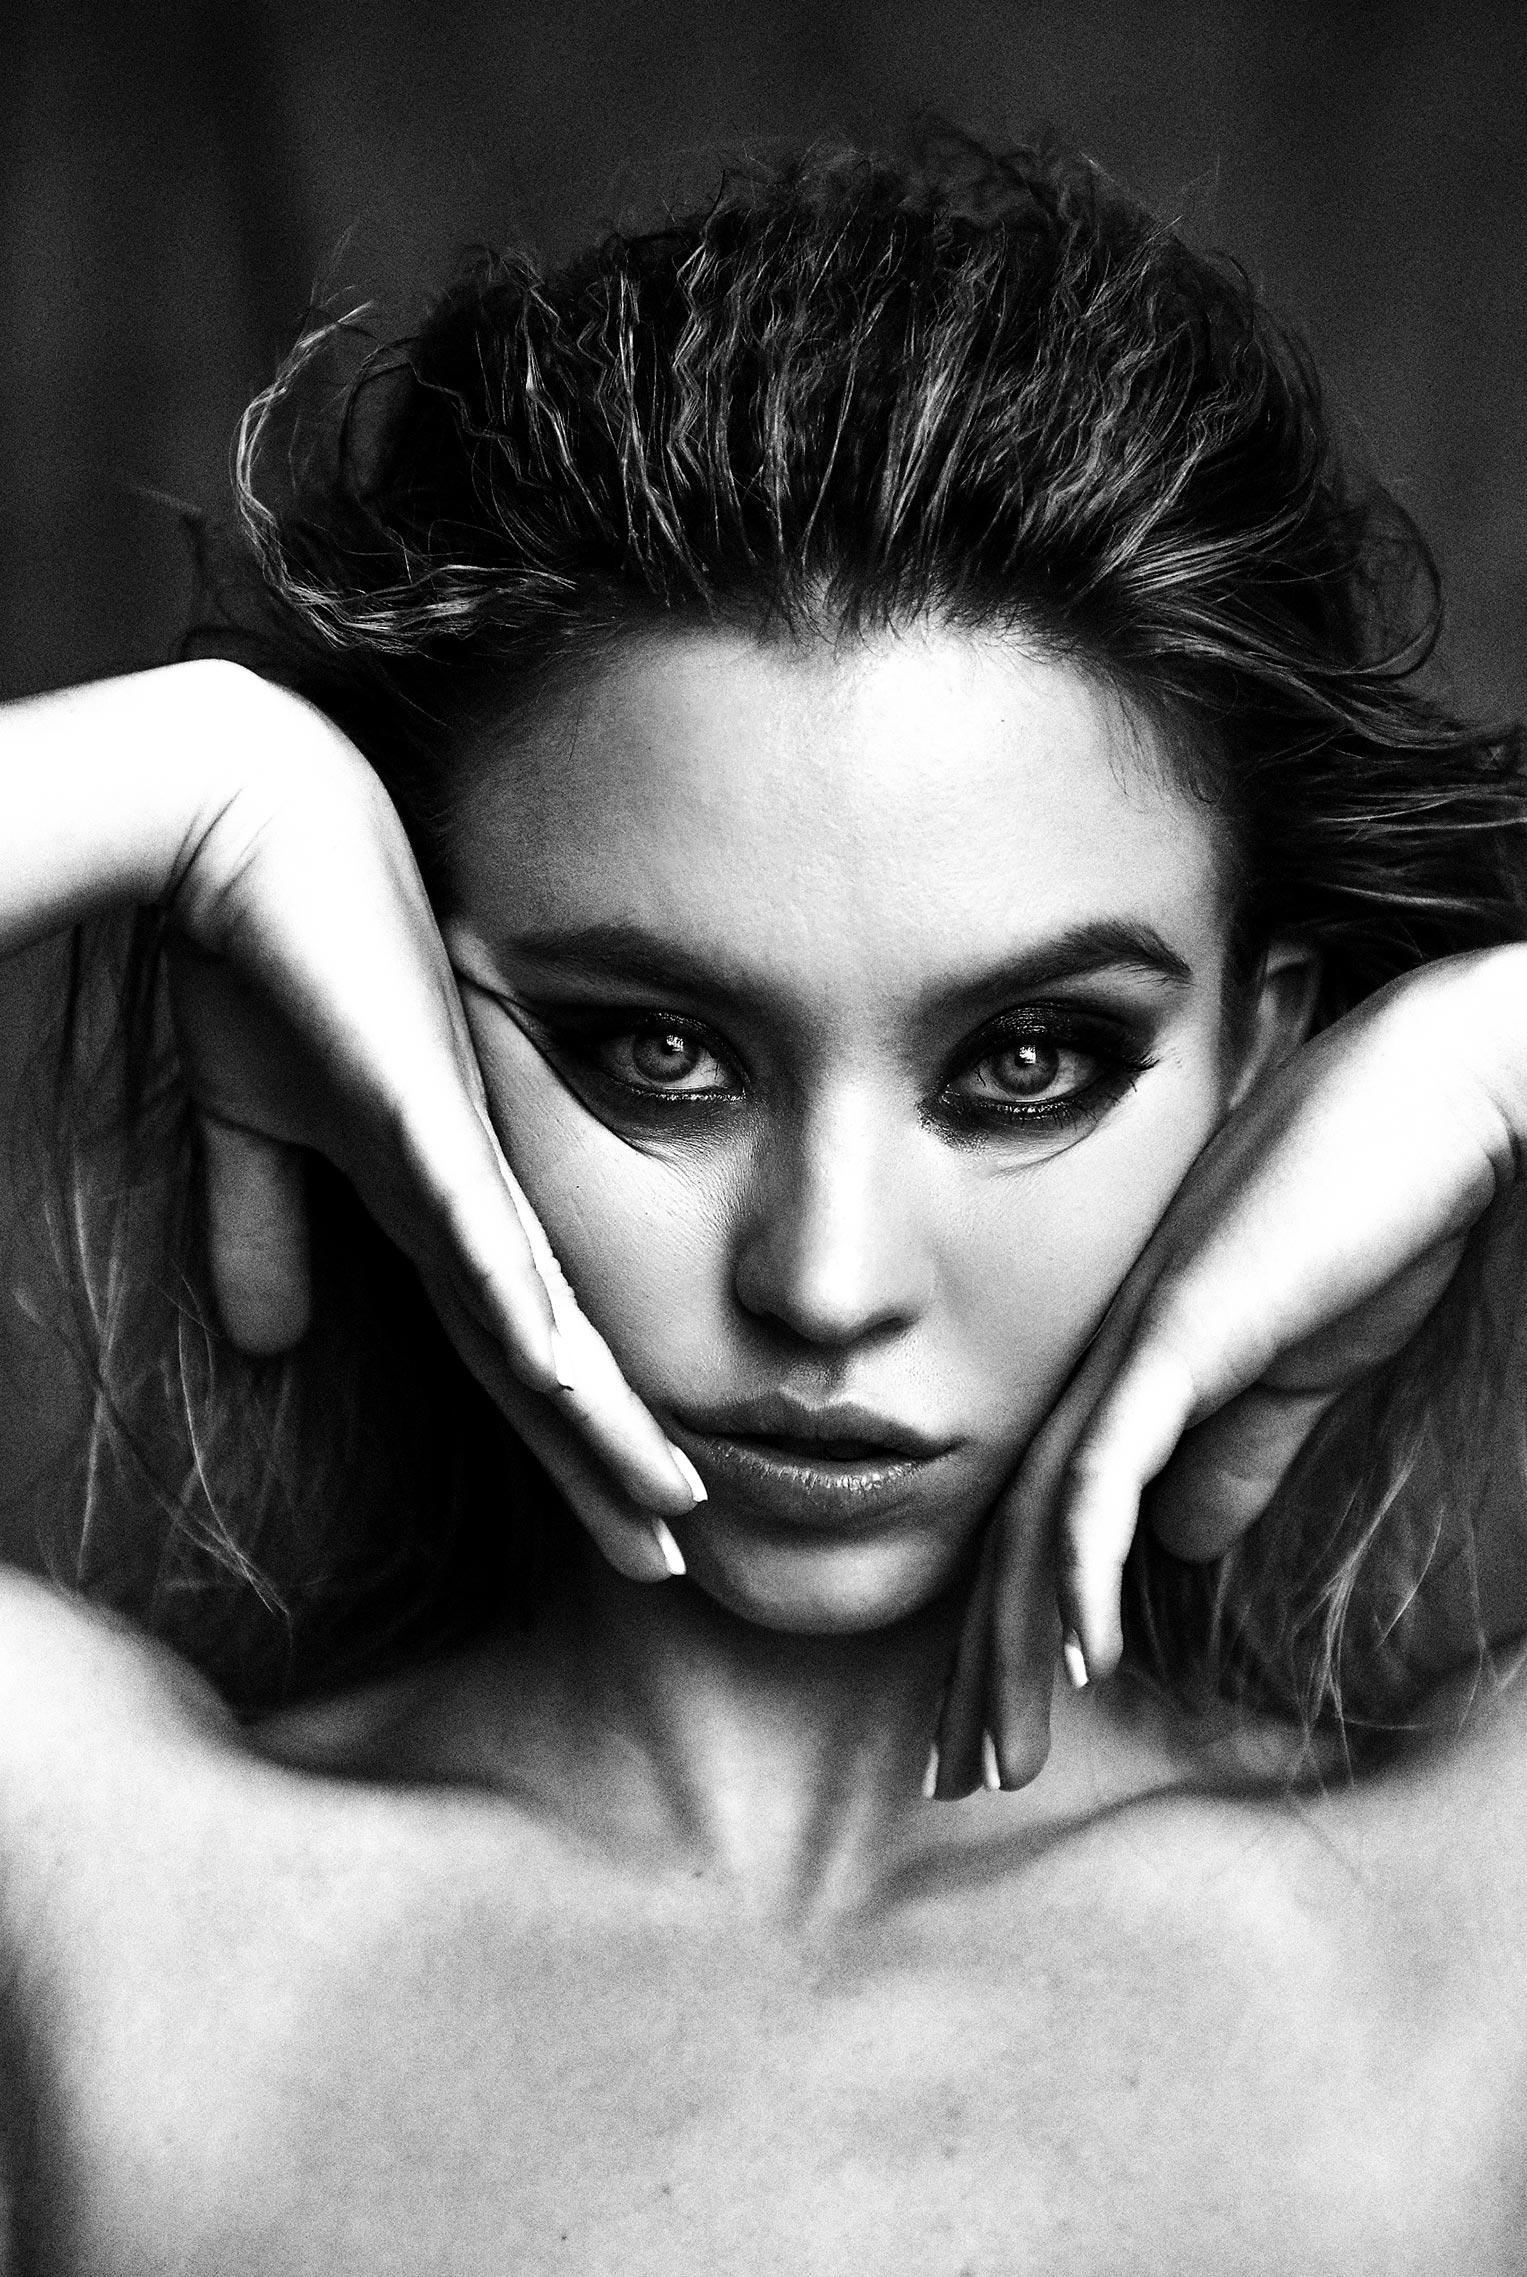 Сидни Свини на черно-белых снимках Дэмона Бейкера / фото 03